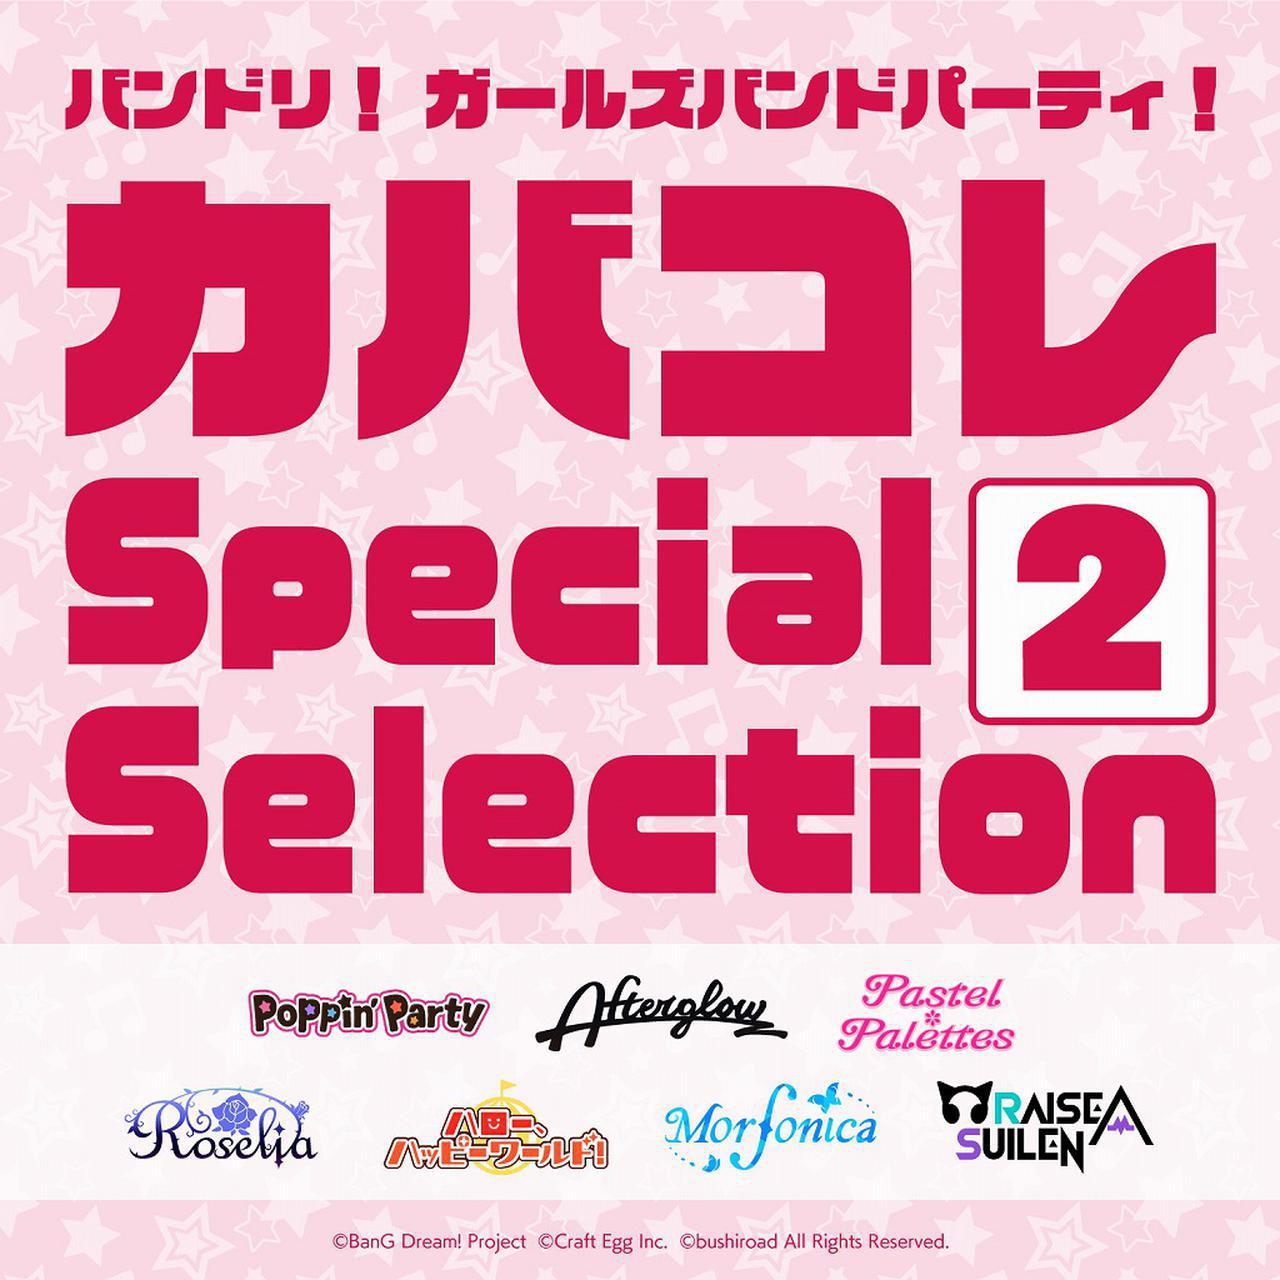 画像: バンドリ! ガールズバンドパーティ! カバコレ Special Selection2 / Morfonica : Poppin'Party : Afteglow : ハロー、ハッピーワールド! : Roselia : RAISE A SUILEN : Pastel*Palettes